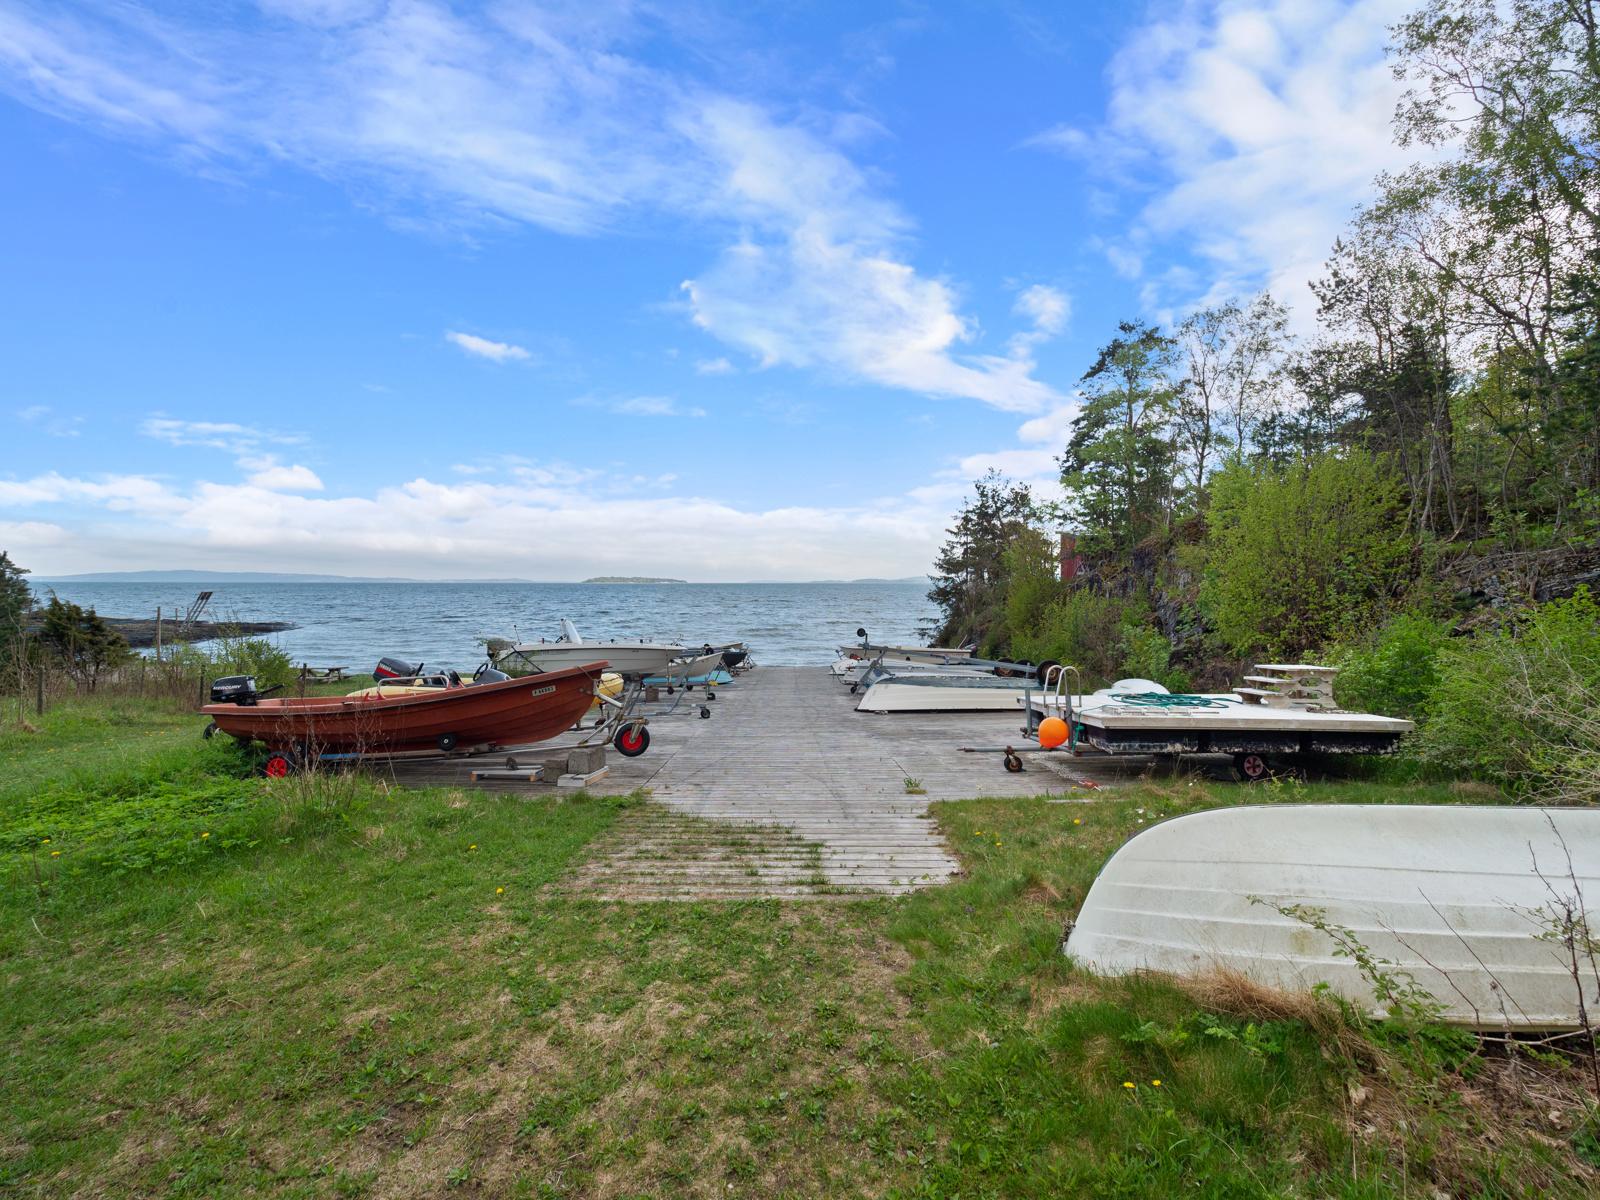 Båtopptrekket med elektrisk vinsj, badeplattform, brygge og volleyballbane som driftes av hyttevelet.